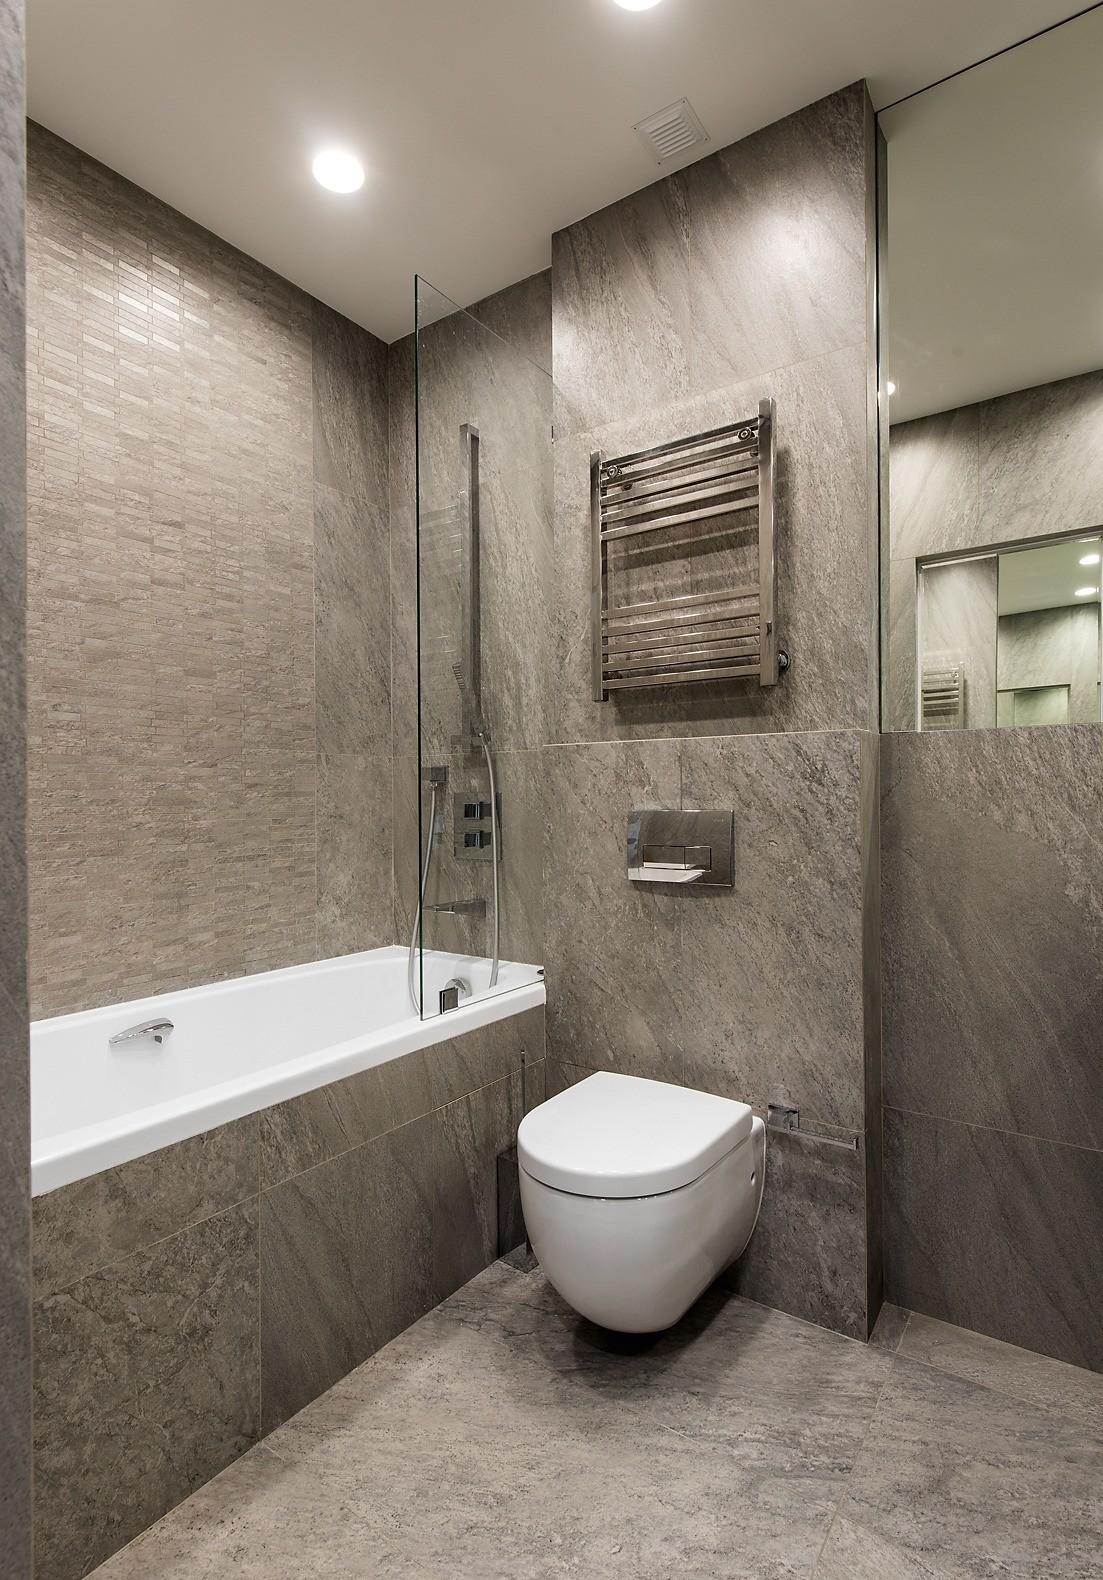 В отличие от больших помещений, ванная комната оформлена  в одном цвете, оптически расширившем её пространство. Входную дверь с обеих сторон сделали зеркальной